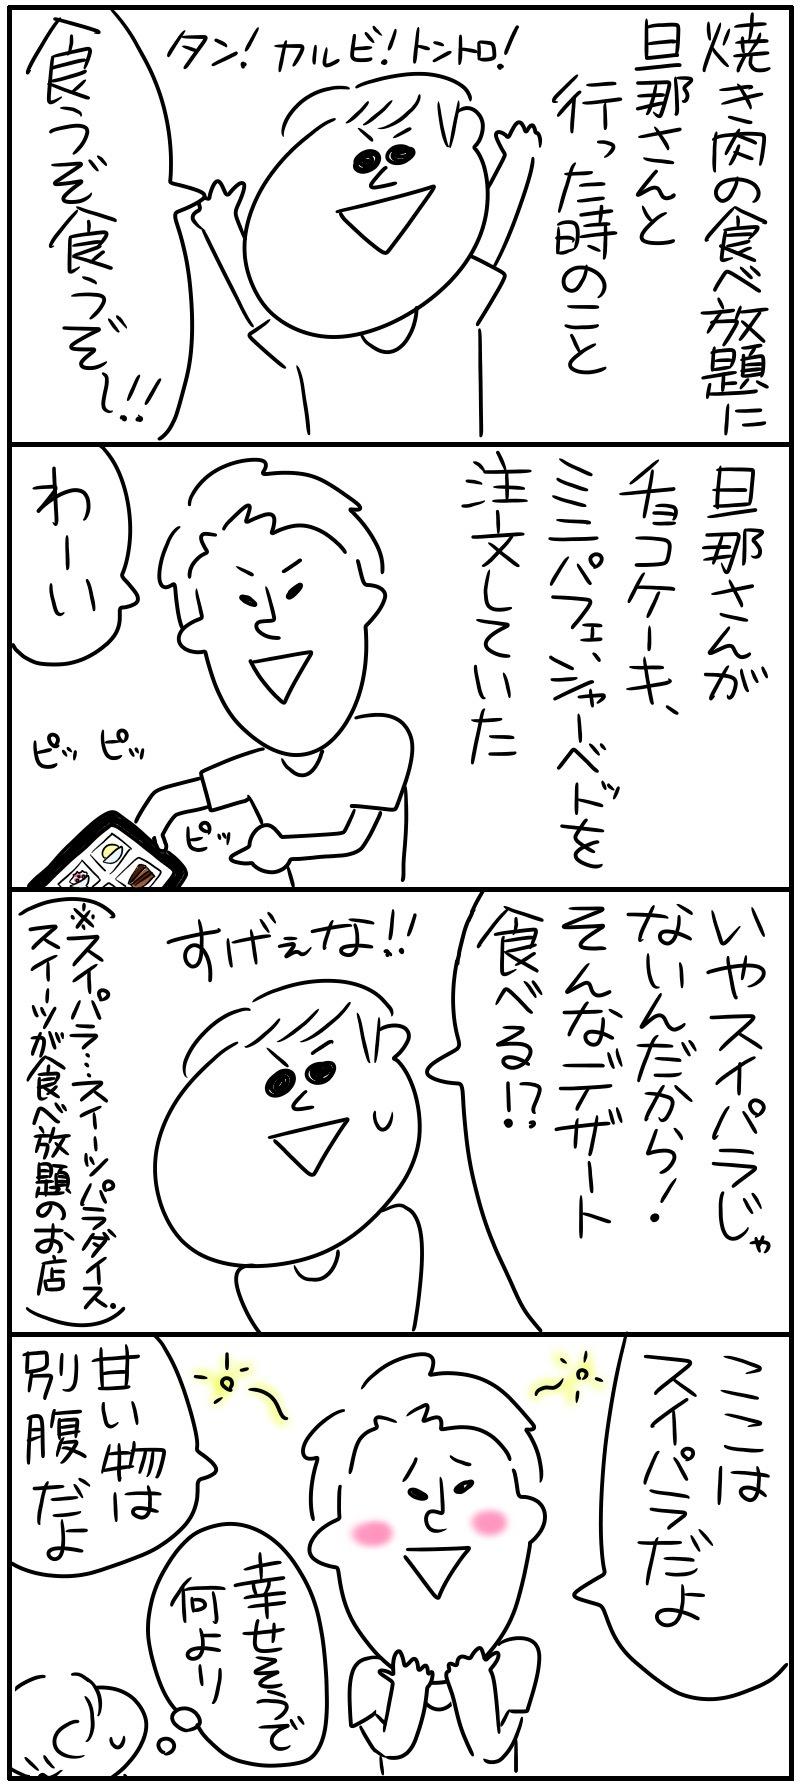 食べ放題の話_f0346353_19183629.jpg